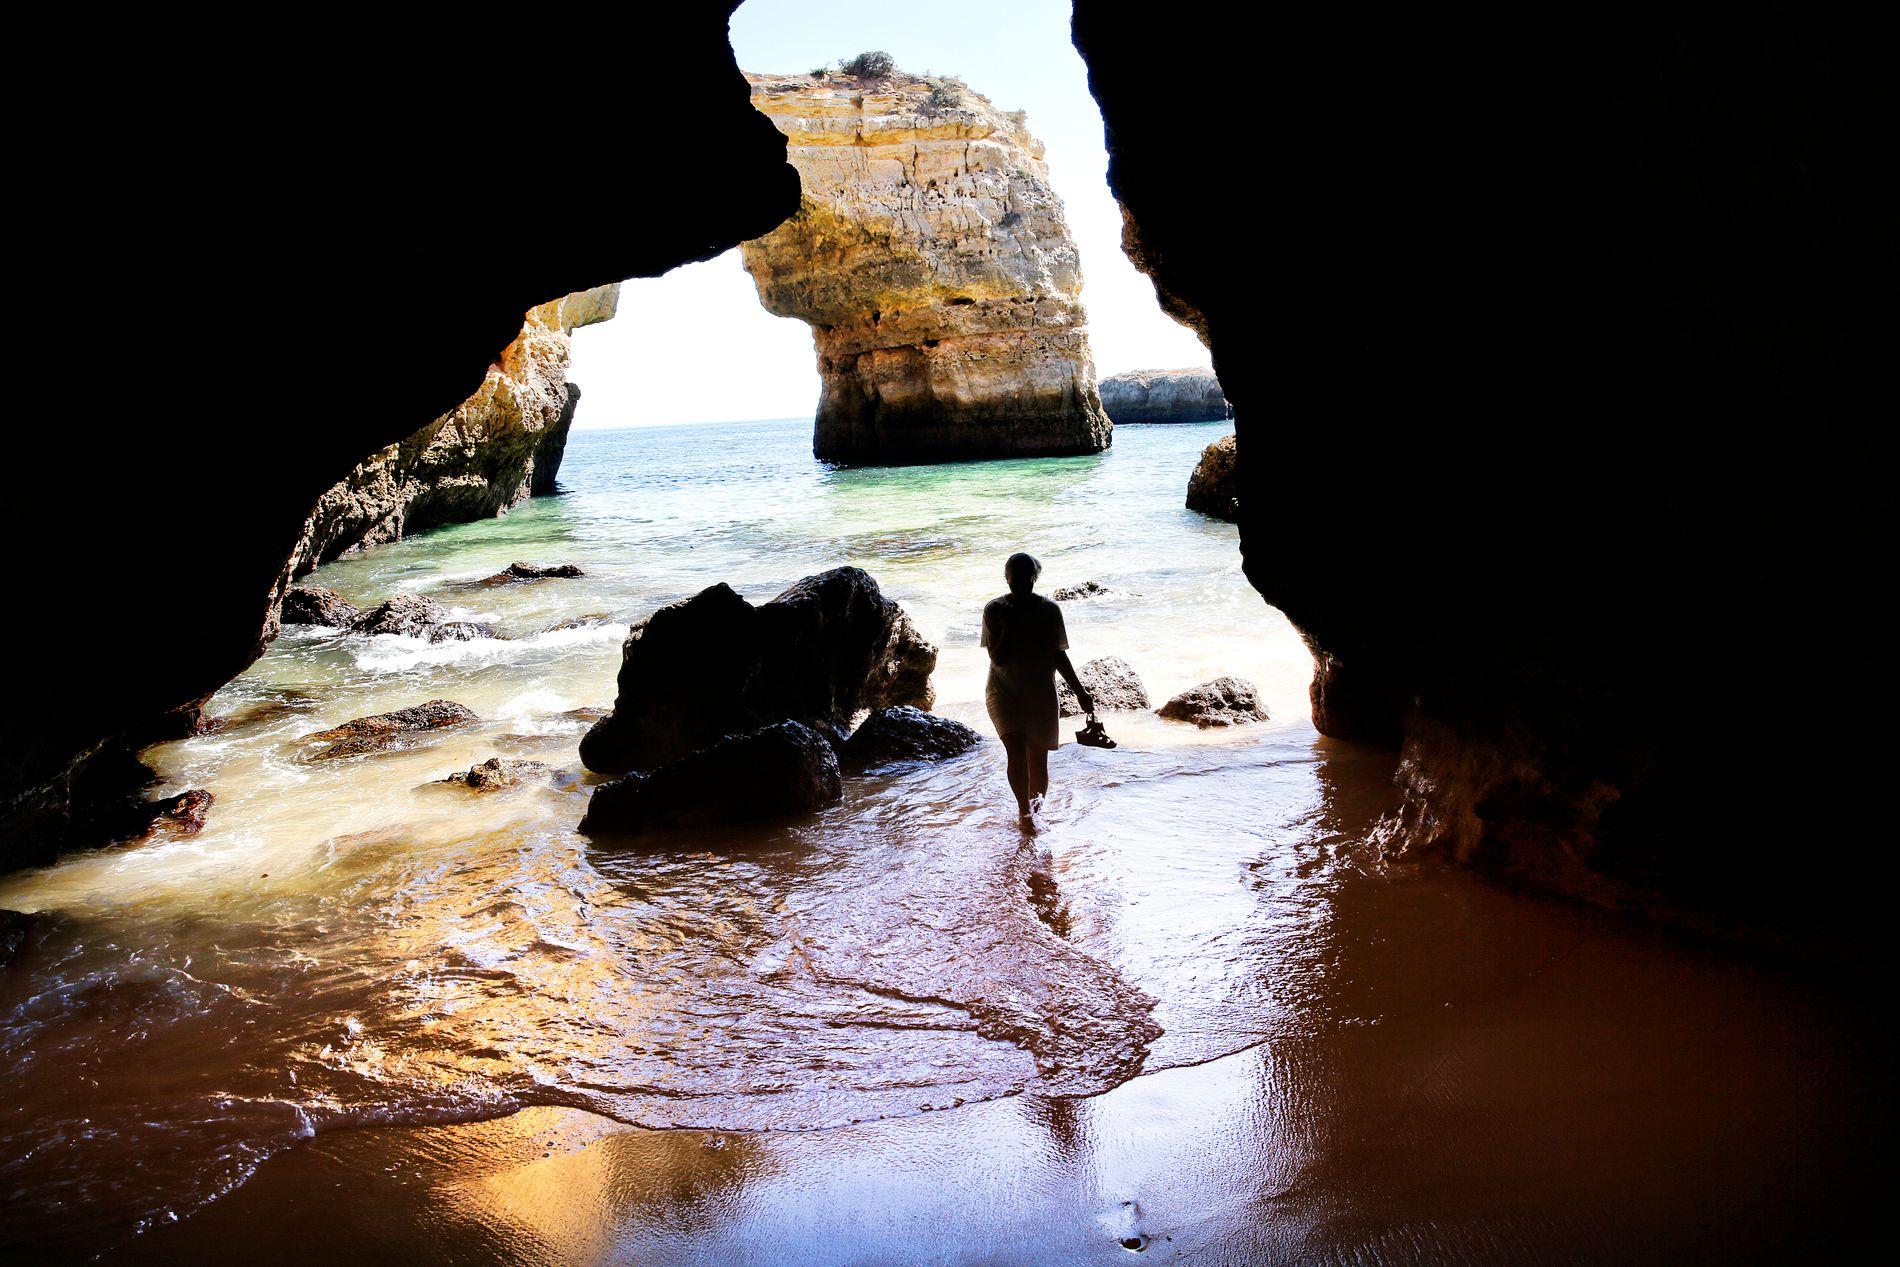 HEMMELIGE STRENDER: En av de morsomste tingene i Algarve er å oppdage skjulte strender – innimellom grotteganger og bølgeskvulp. En av de fineste finner du på Praia de Albandeira.